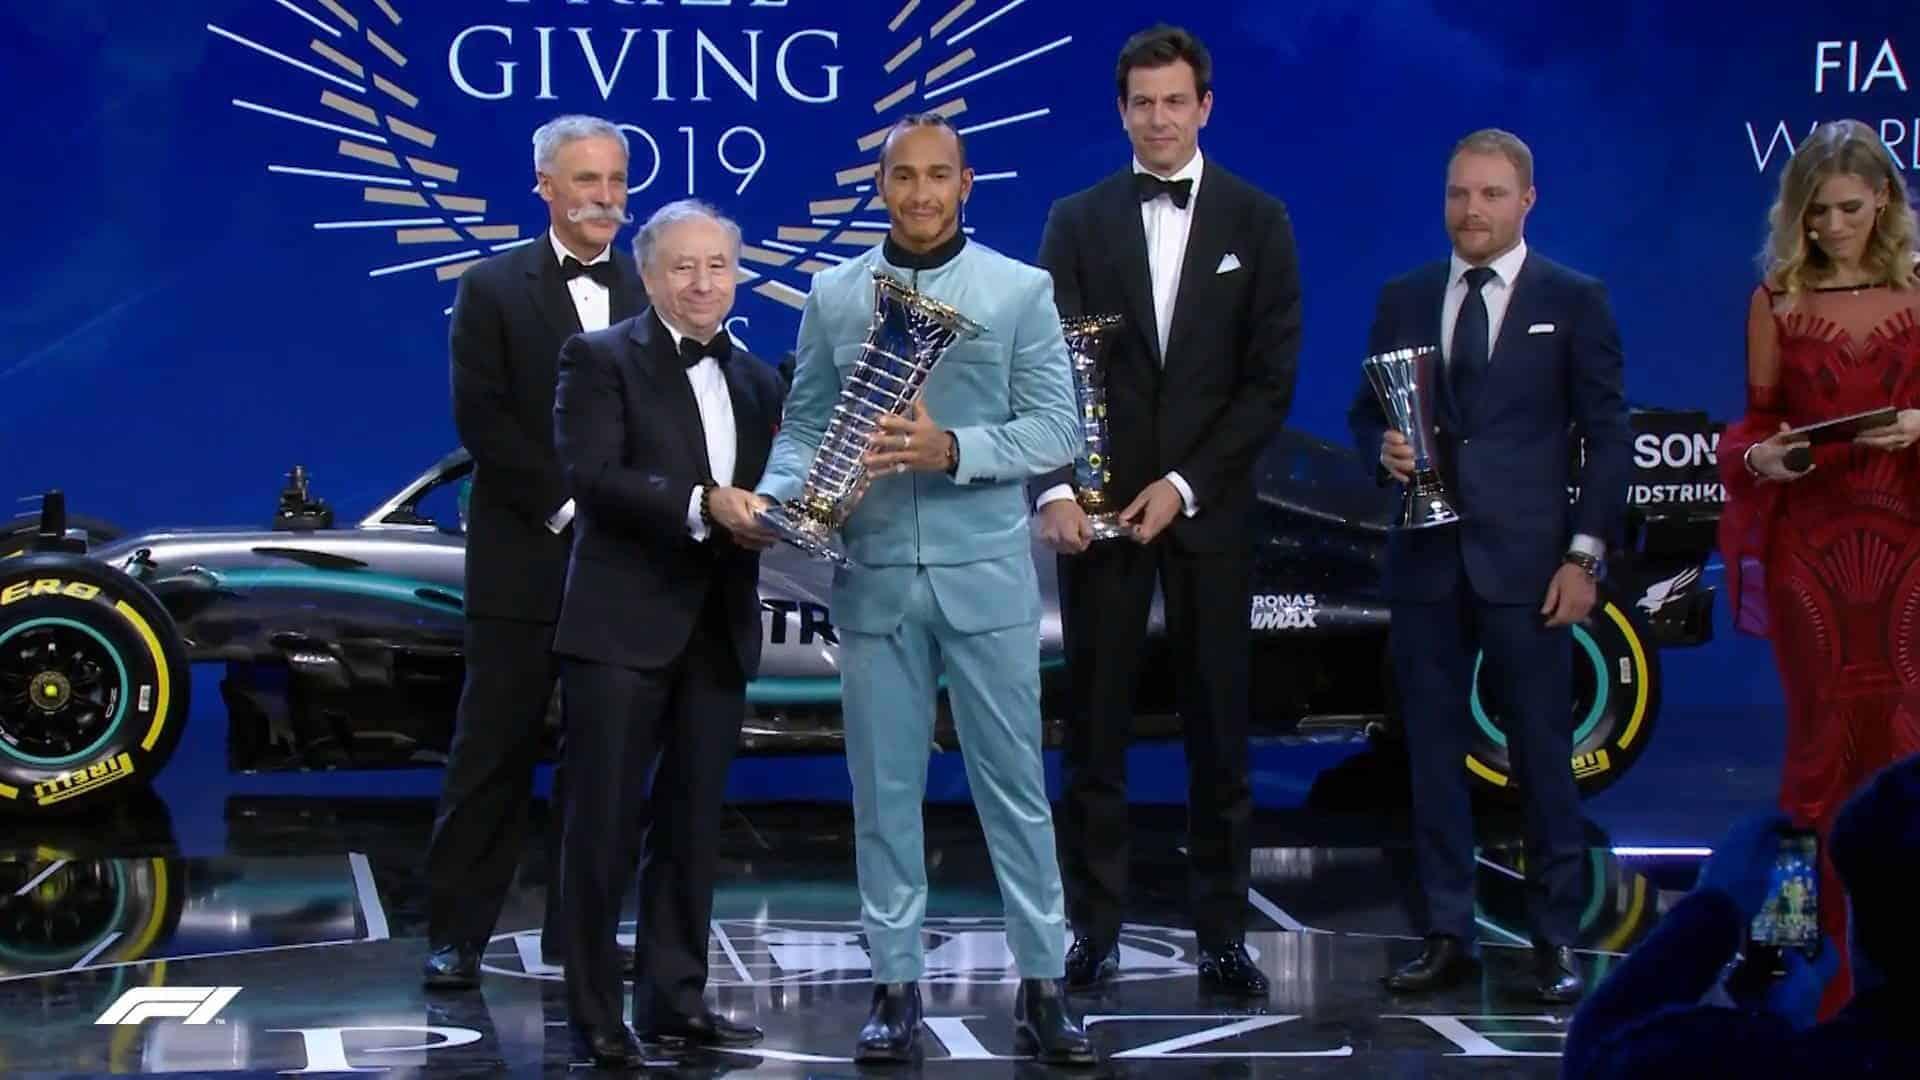 FIA 2019 Prize Giving Hamilton champion Screenshot F1-com